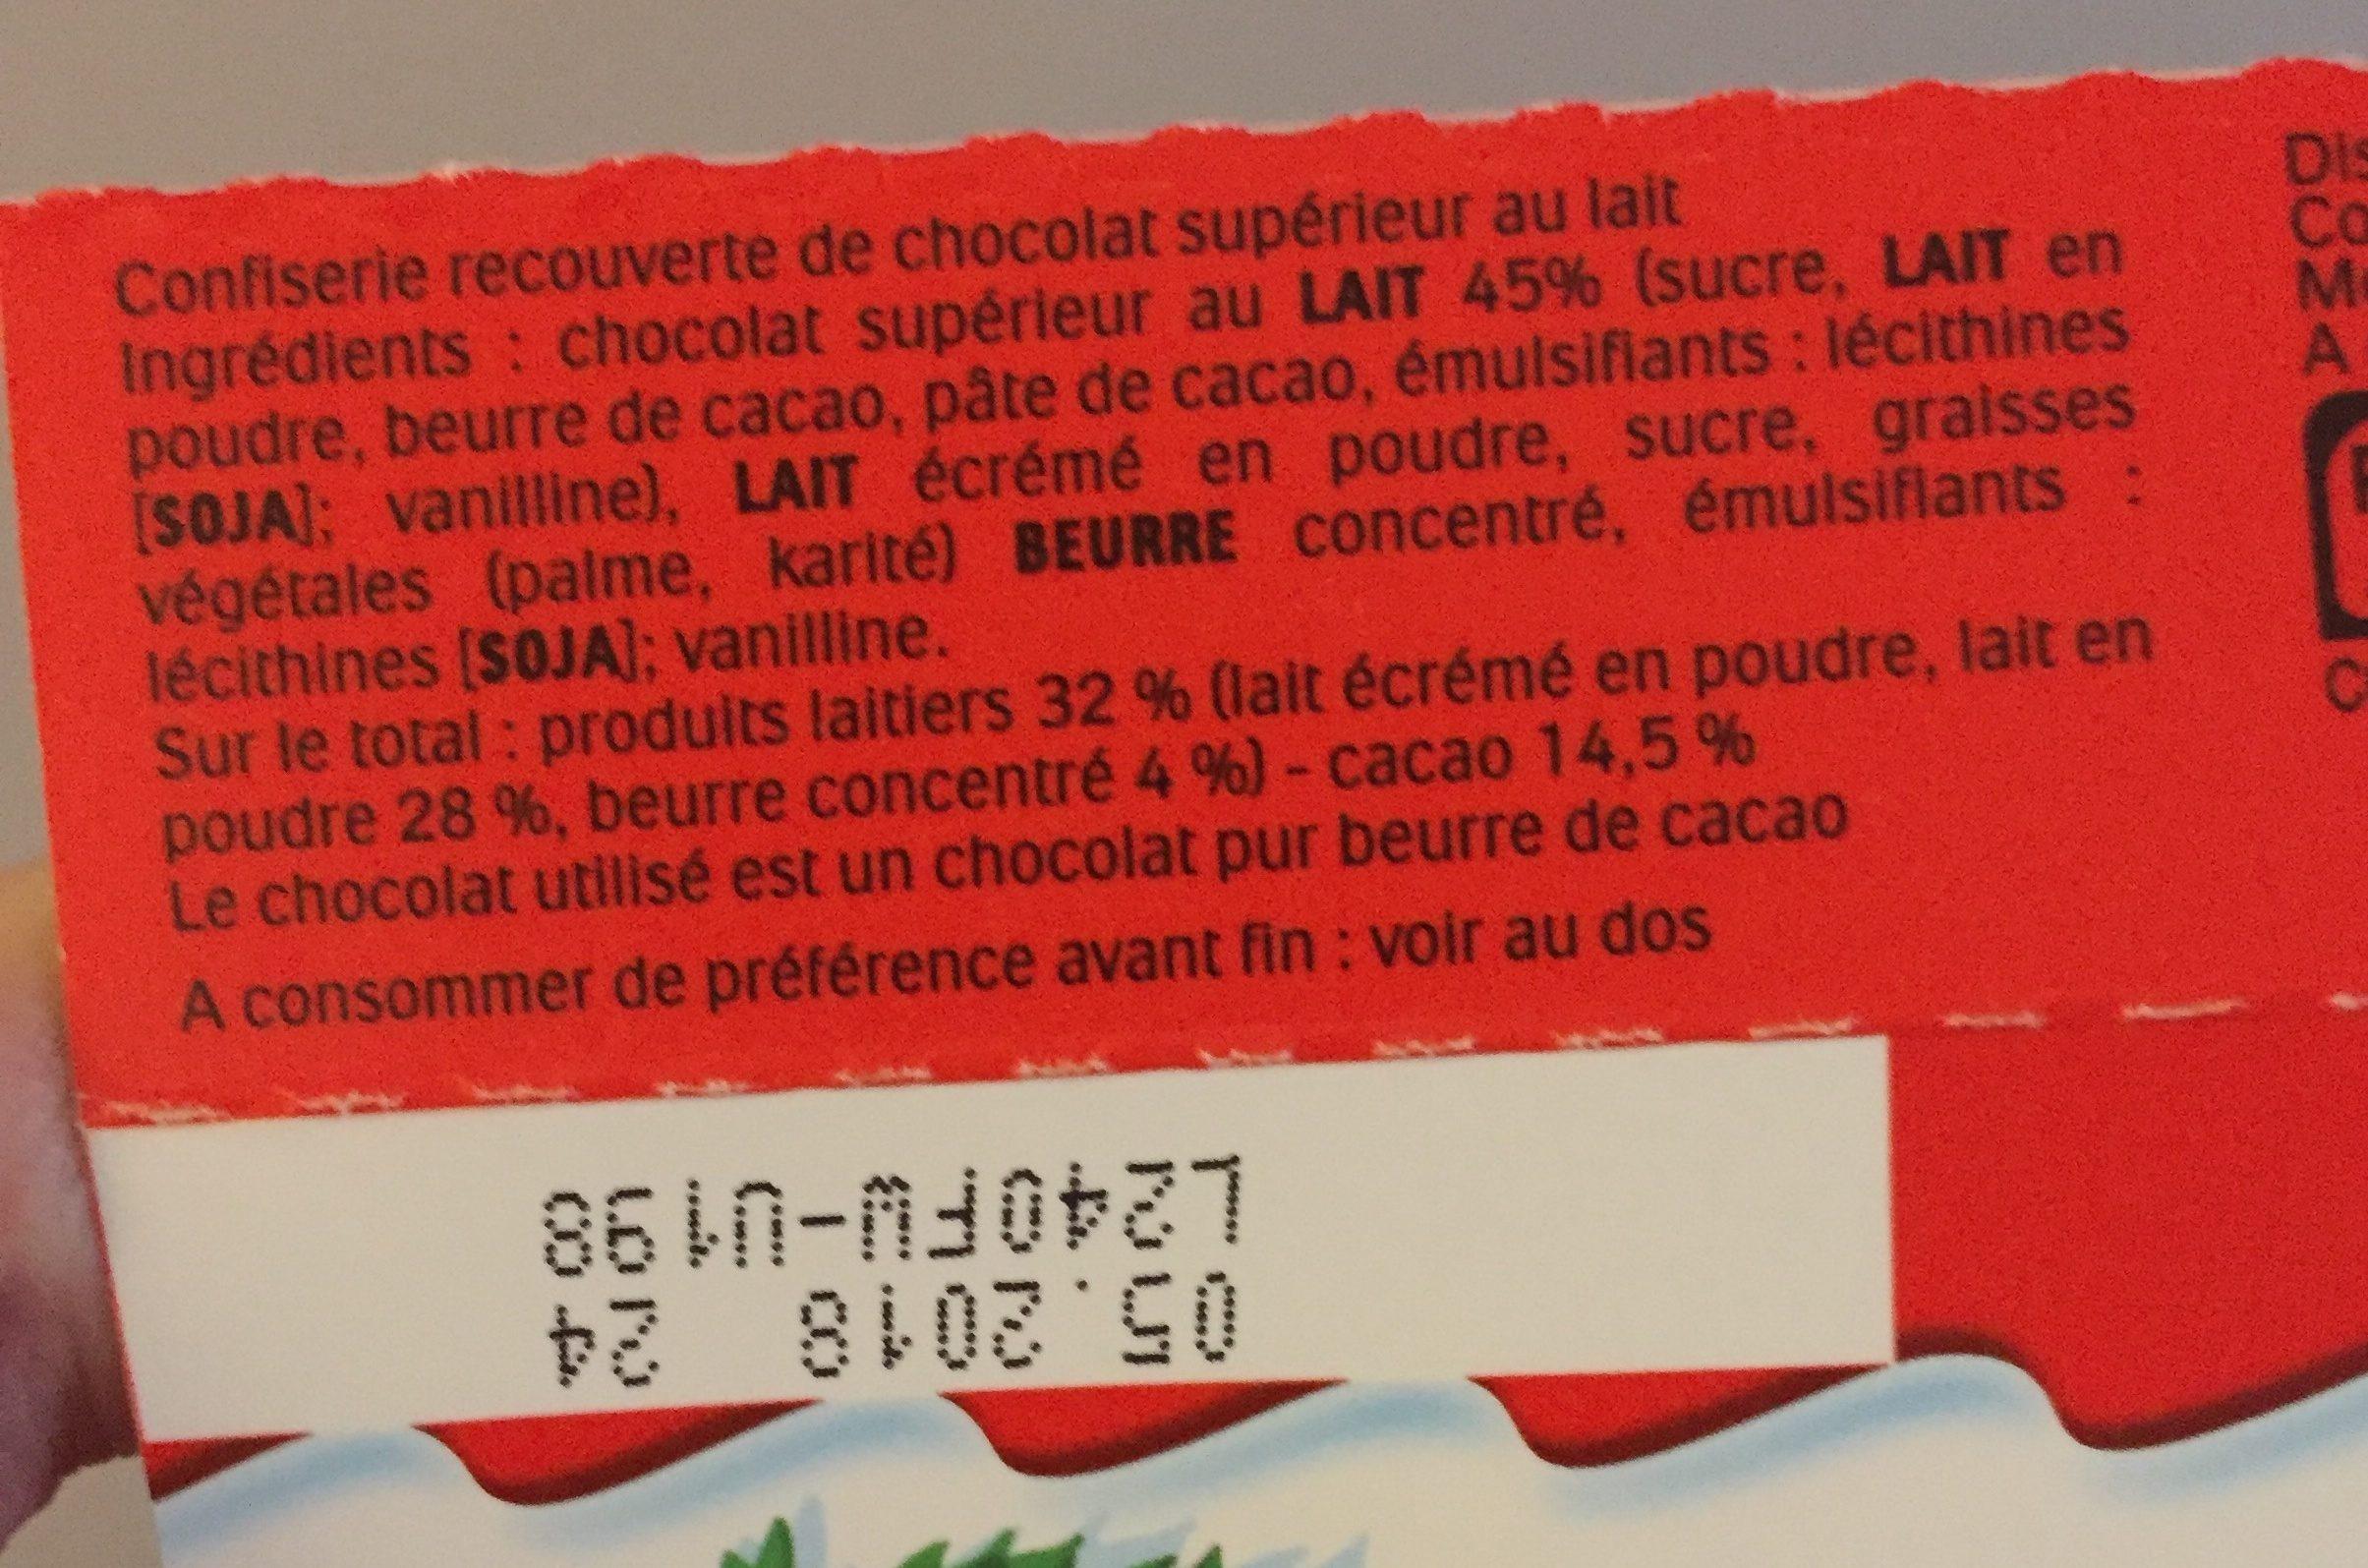 Kinder mini moulage confiserie en forme de personnage recouverte de chocolat superieur au lait - Ingredienti - fr